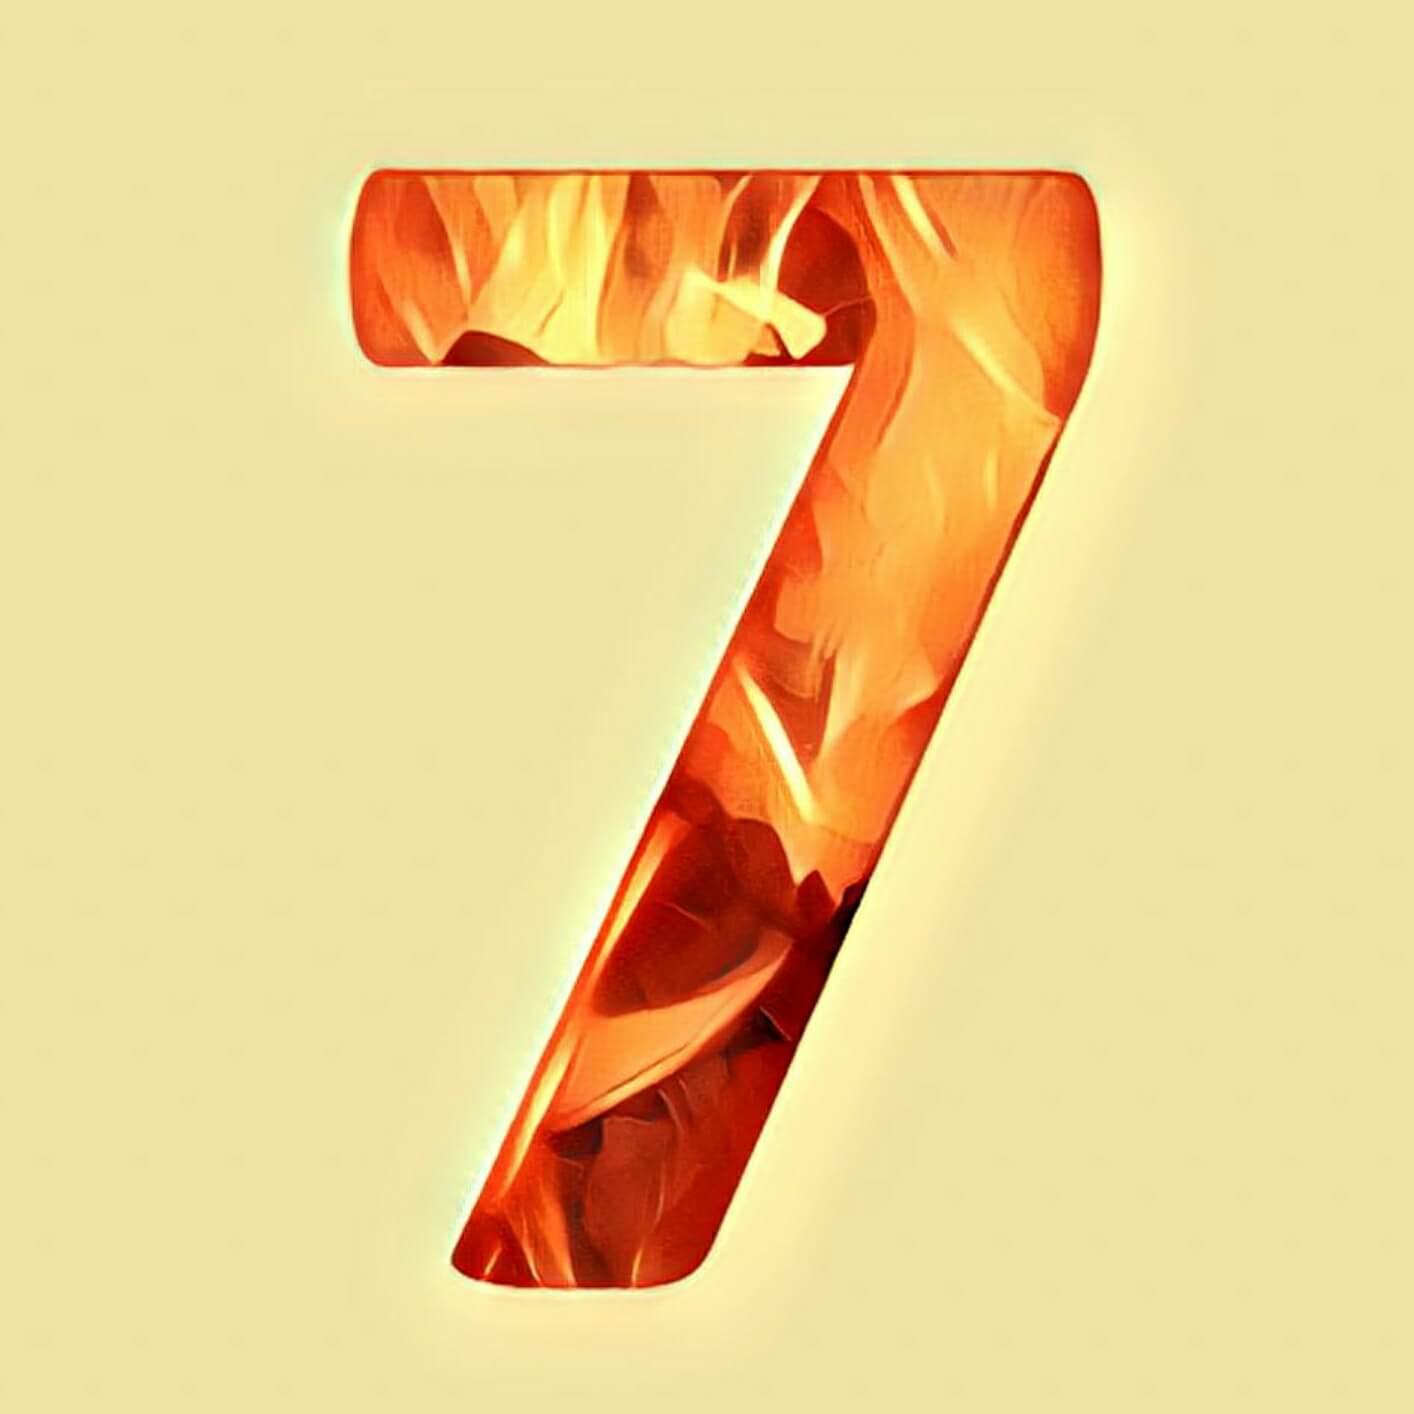 Zahlensymbolik 7